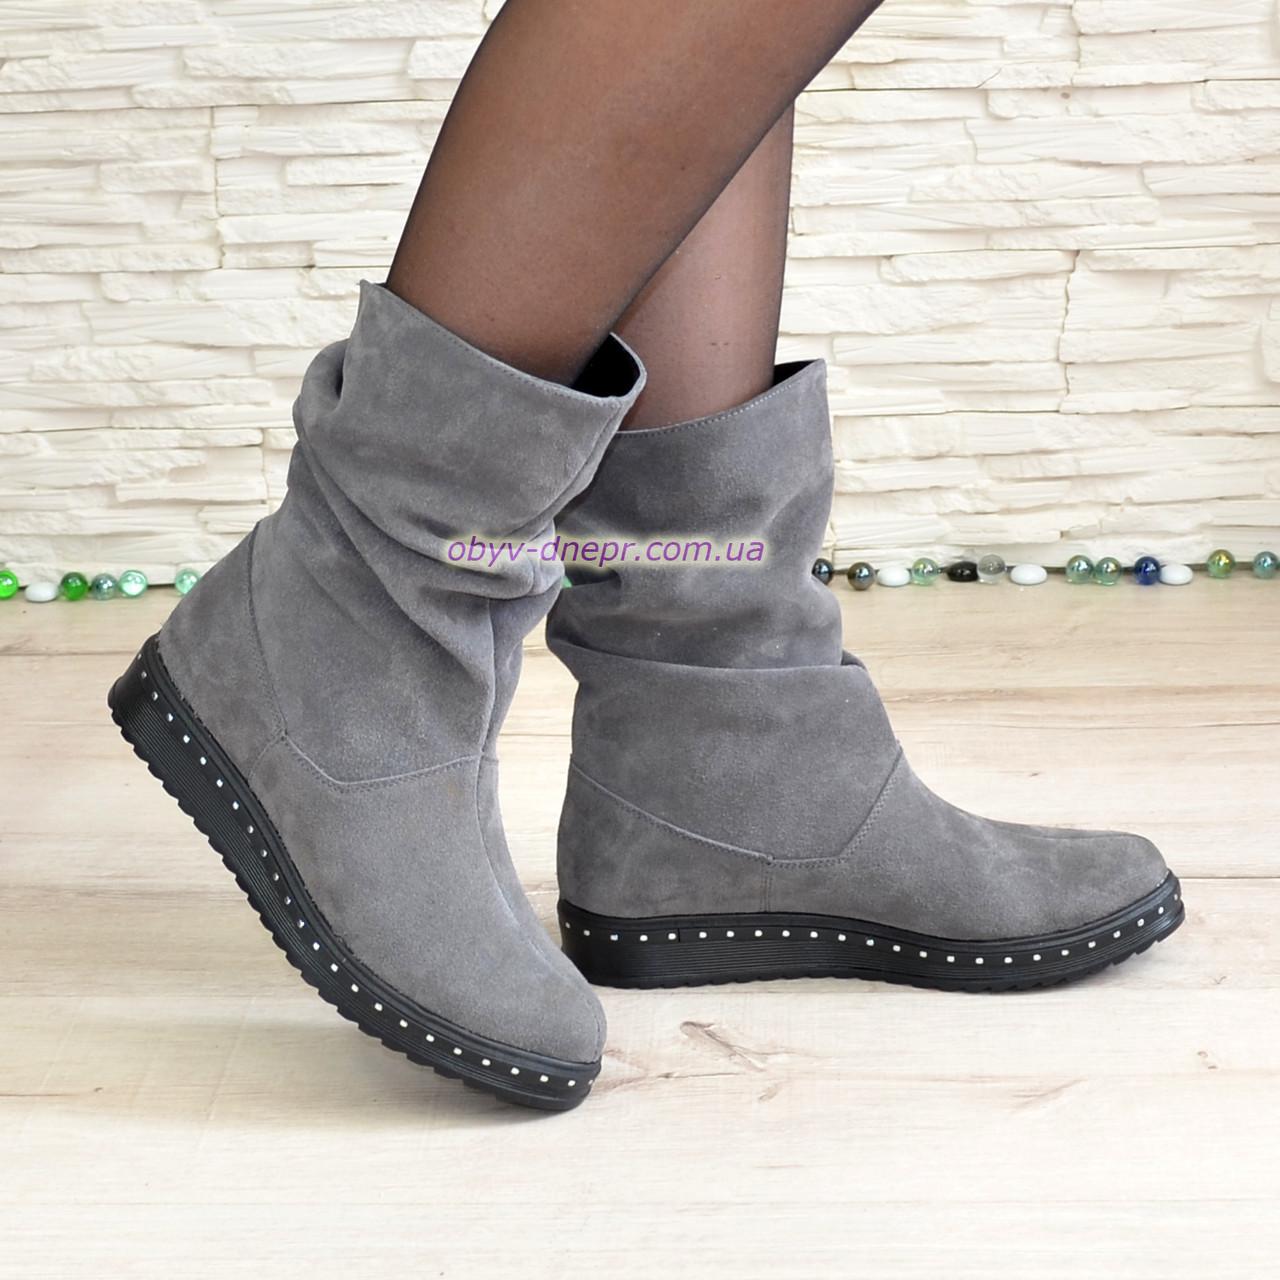 Ботинки женские замшевые демисезонные свободного одевания, из натуральной замши серого цвета